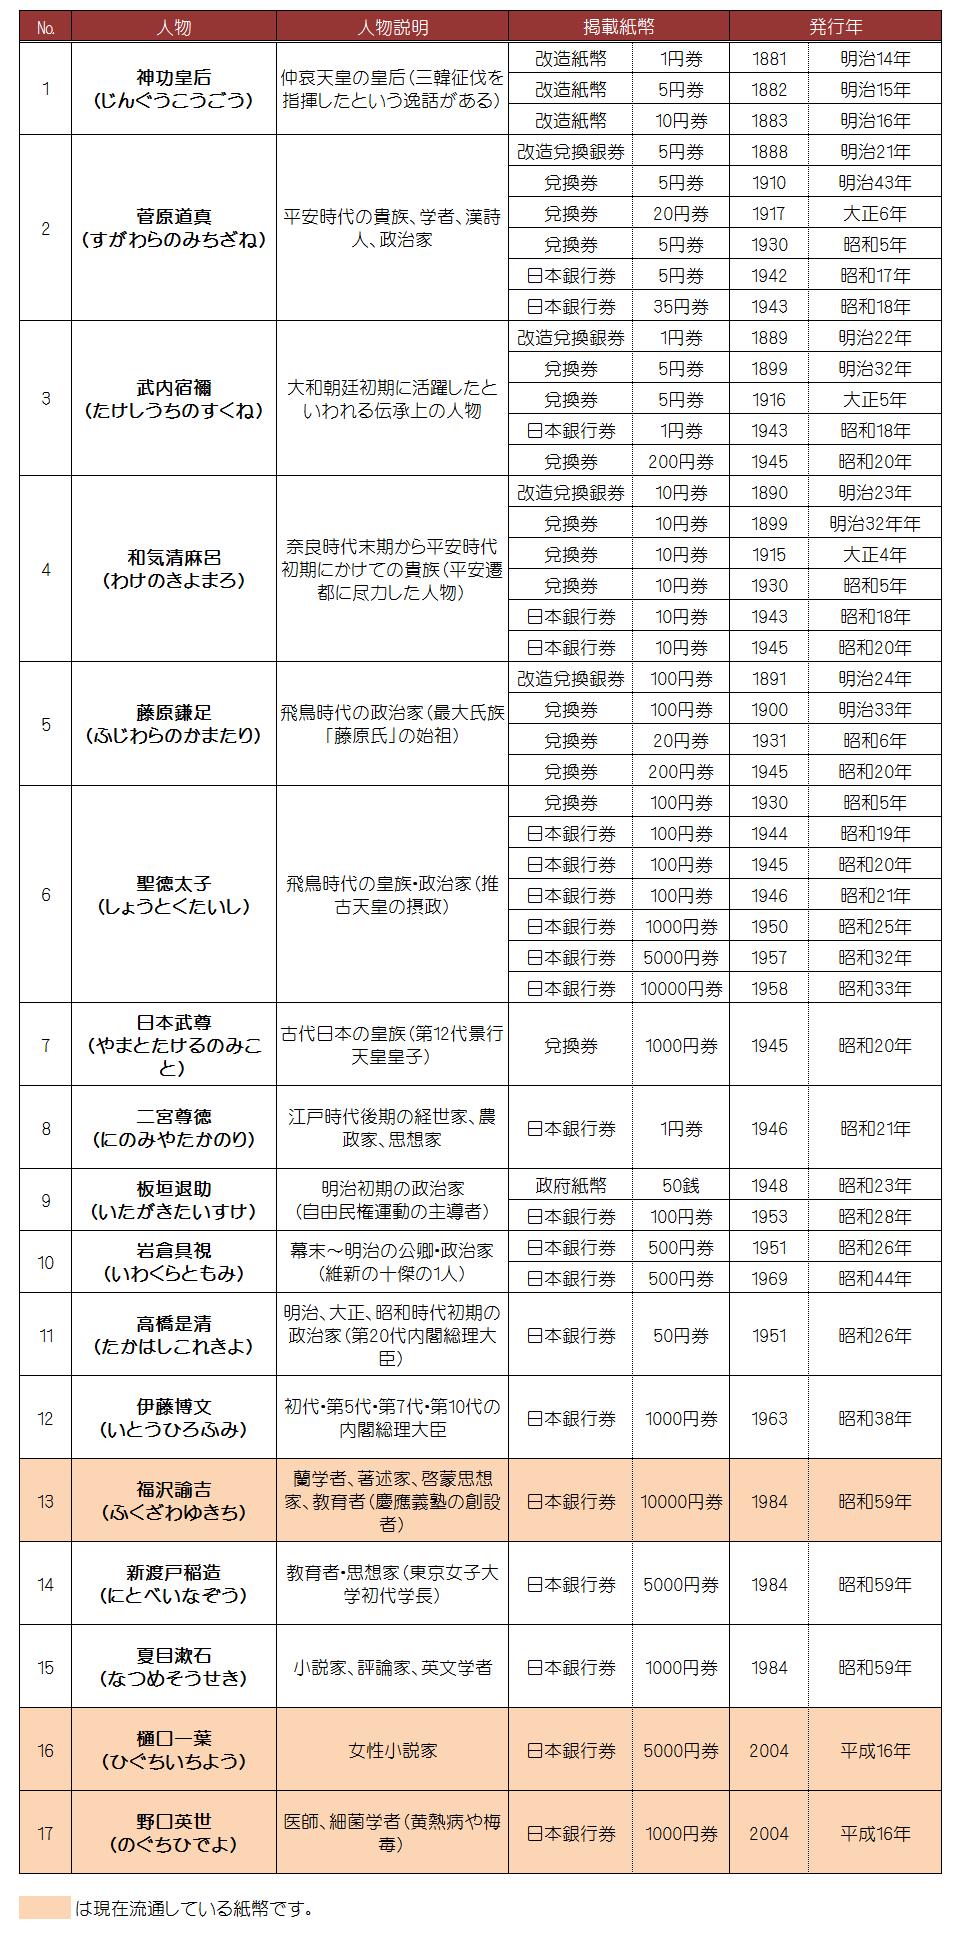 お札の歴代人物一覧表